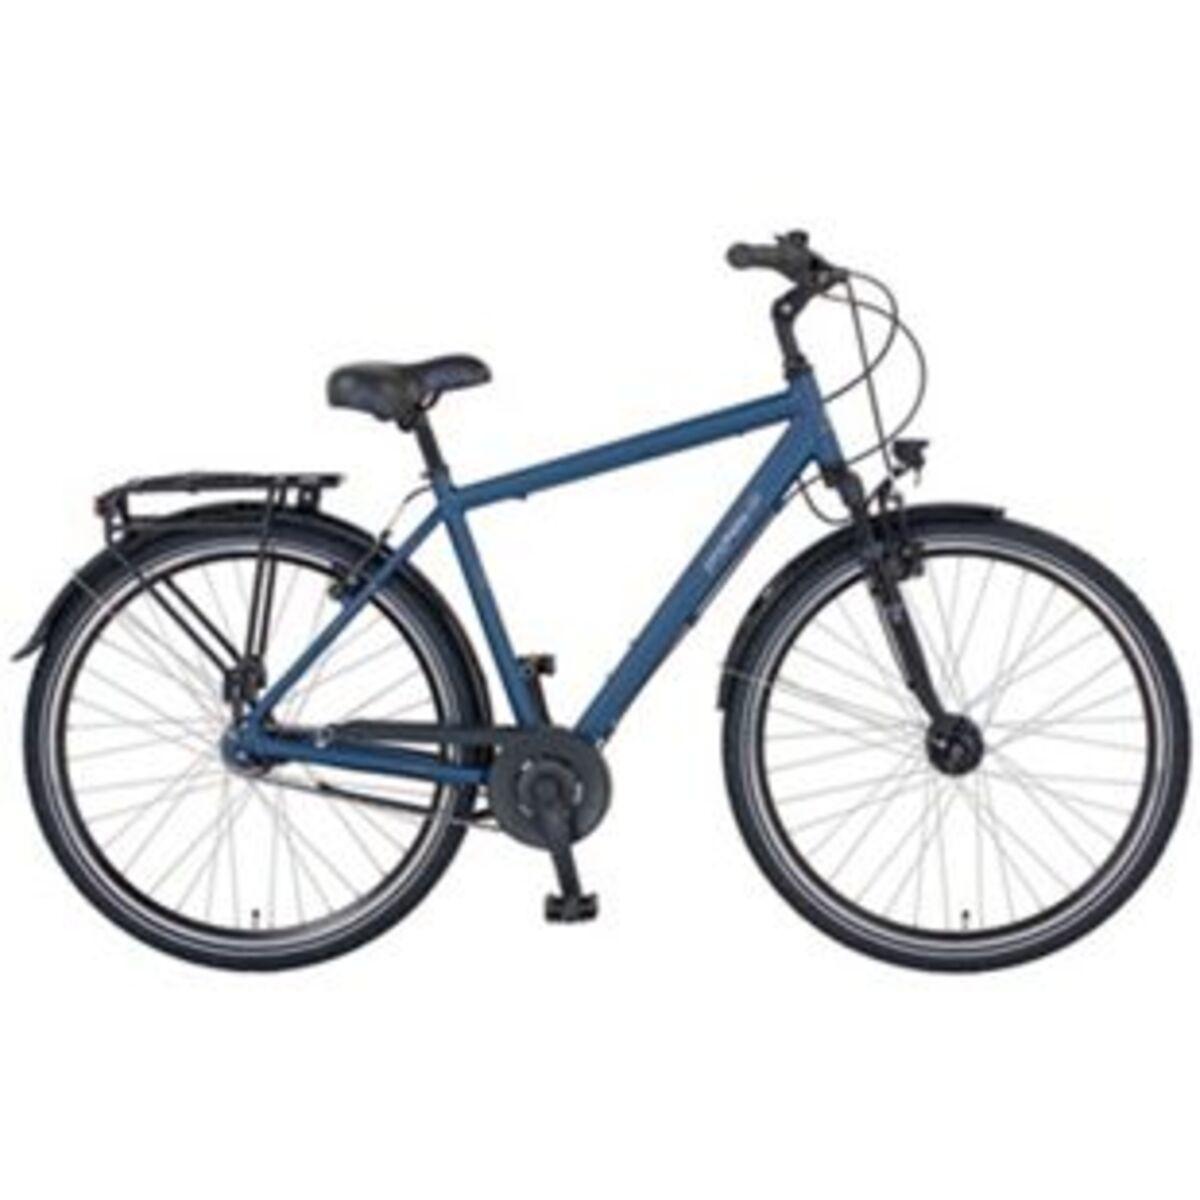 """Bild 2 von PROPHETE GENIESSER 21.BMC.10 City Bike 28"""" Herren Diamant"""